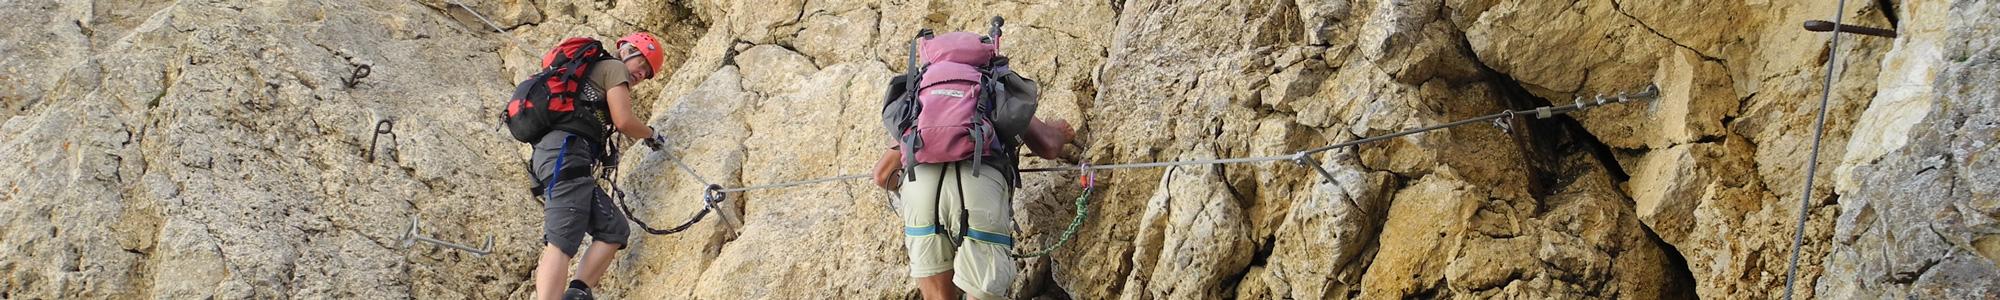 slide-klettersteig-01